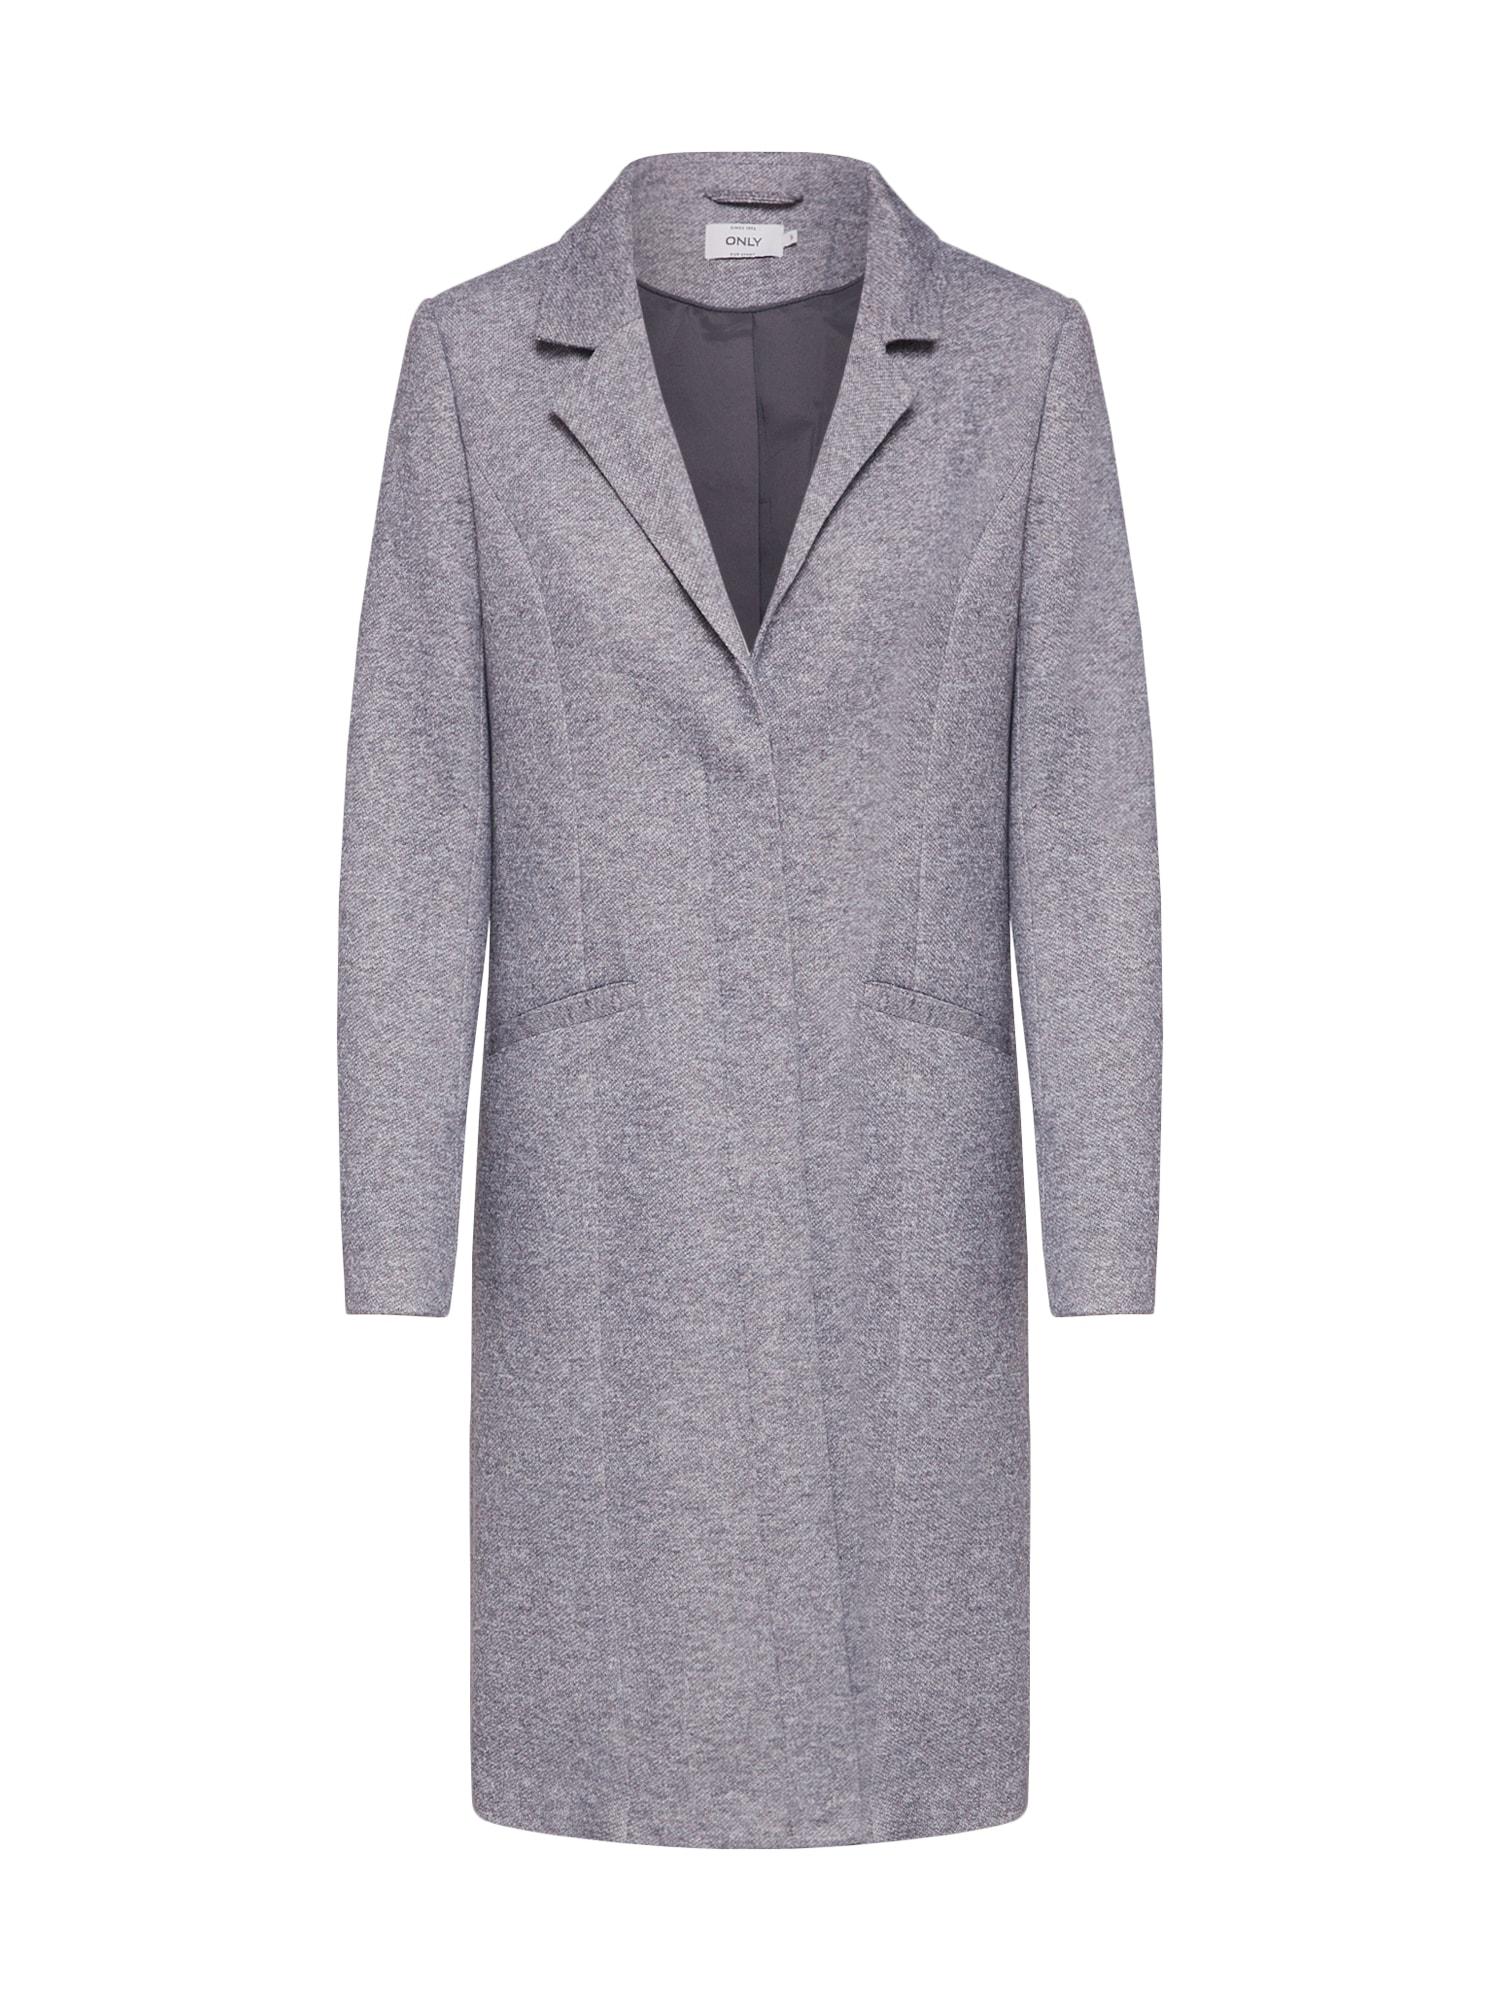 Přechodný kabát onlISA světle šedá ONLY